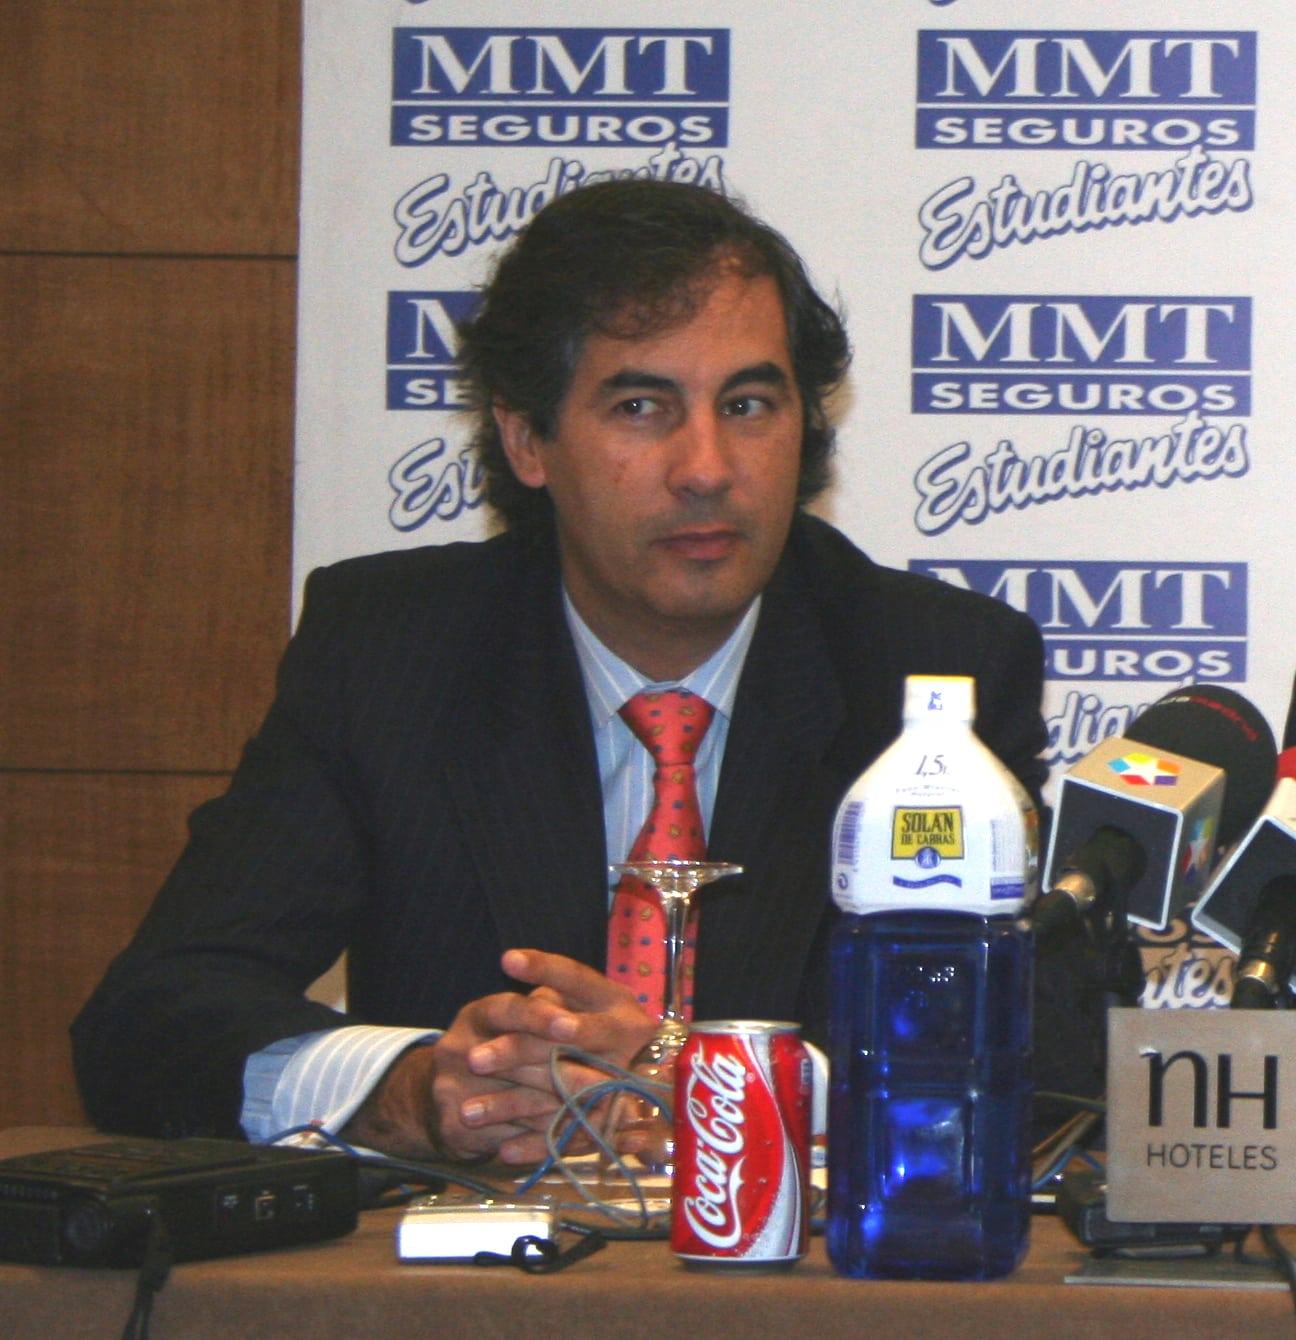 EL ESTU DENUNCIA EL COMPORTAMIENTO DEL AYUNTAMIENTO DE MADRID Y DE SU ALCALDE ALBERTO RUIZ GALLARDON